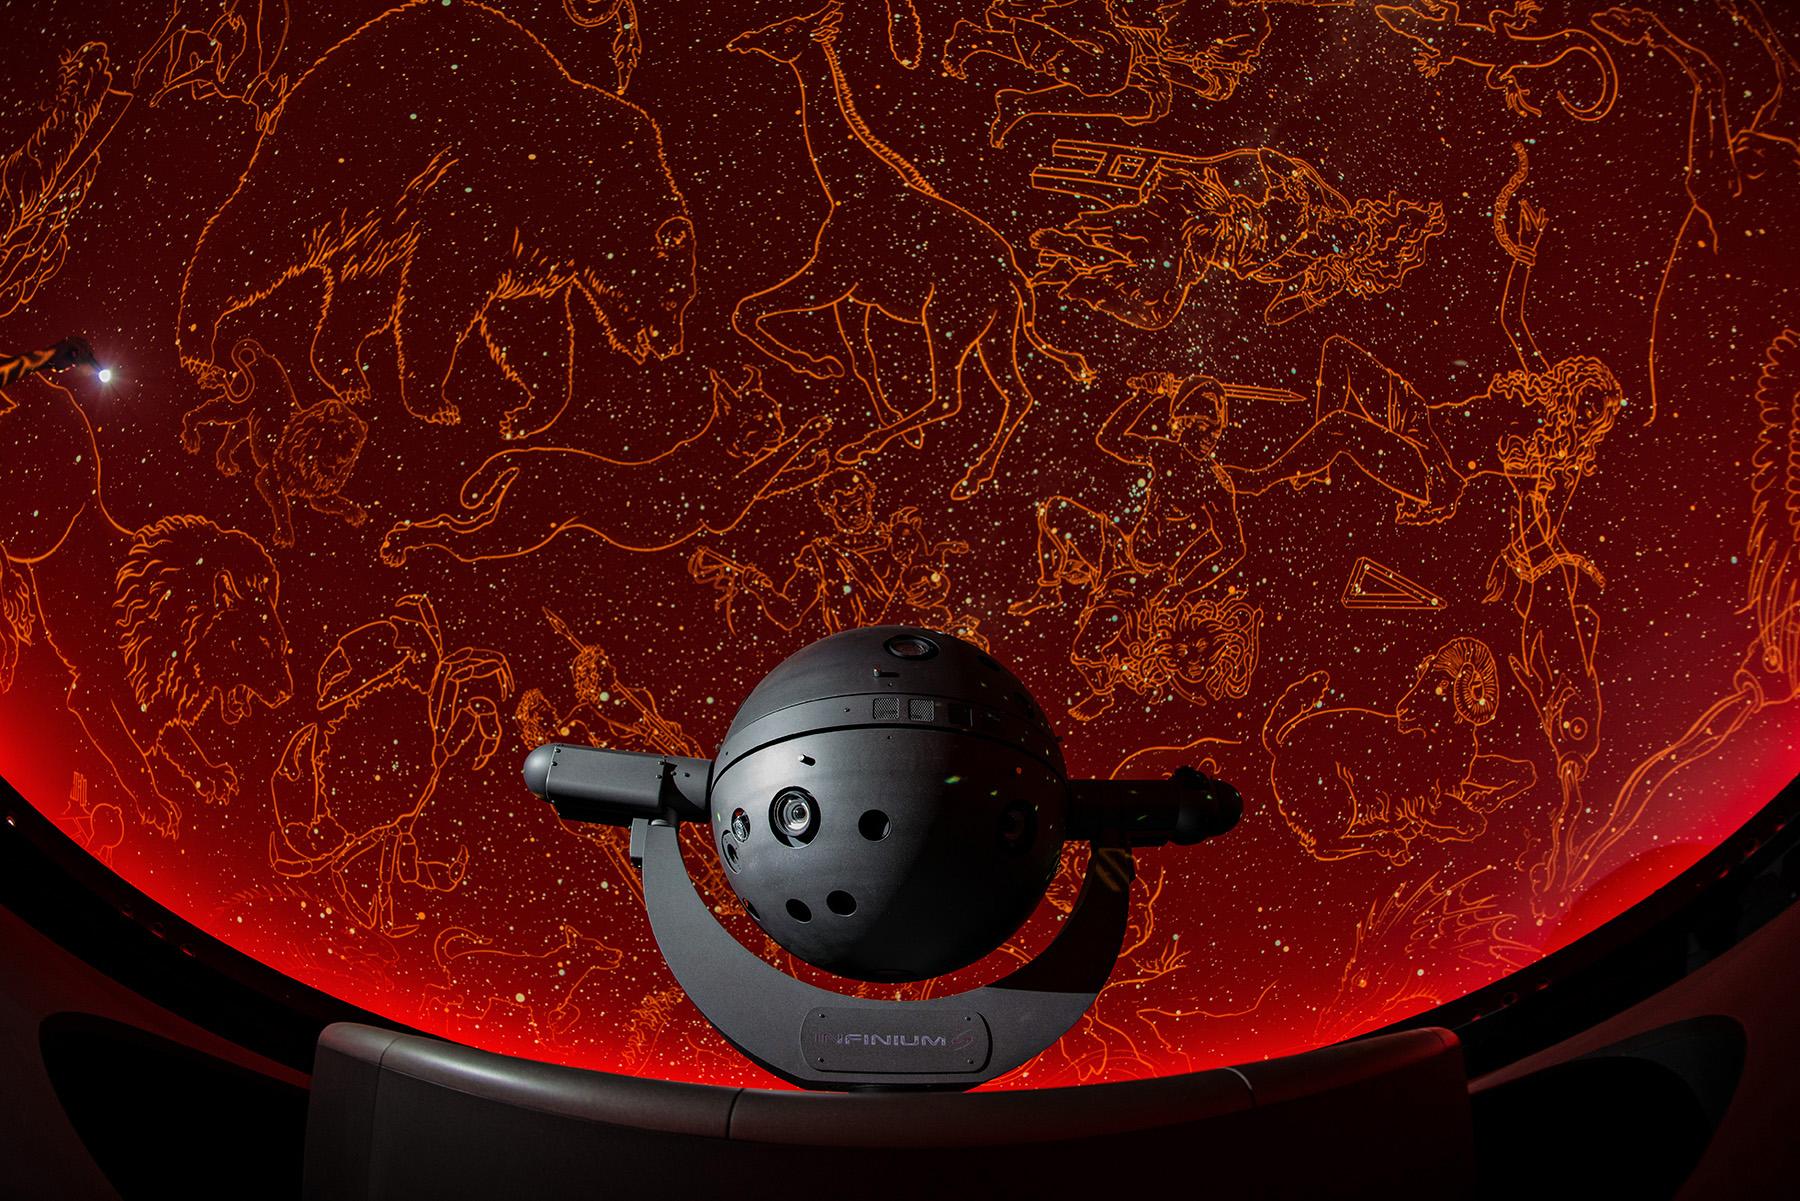 architectural-photography-montreal-planetarium-rio-tinto-alcan-011